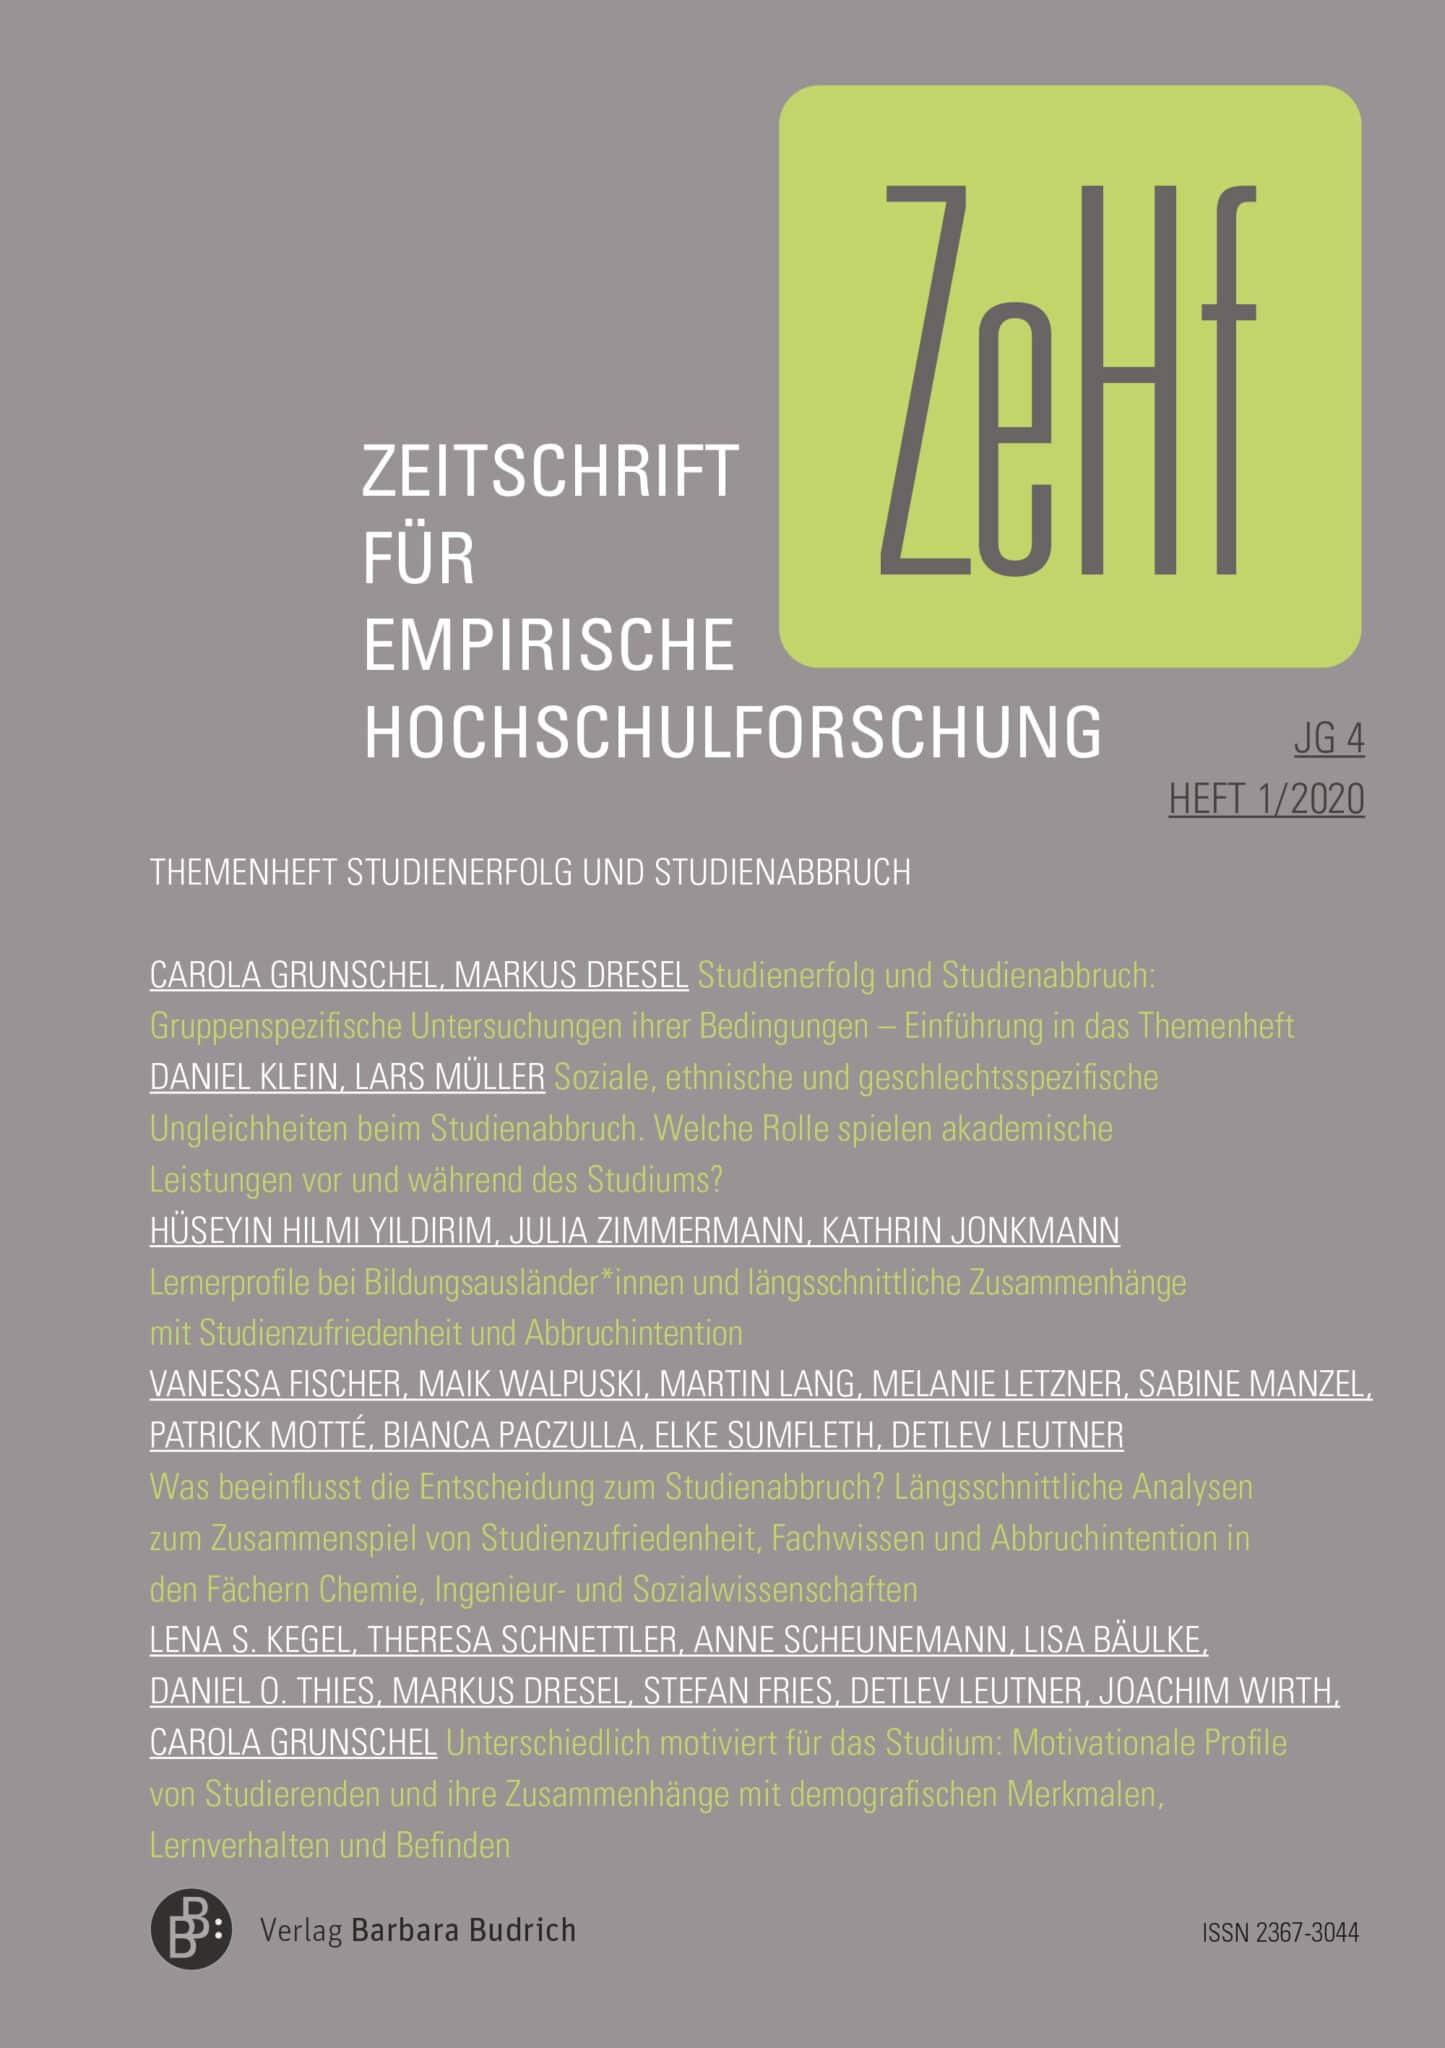 ZeHf – Zeitschrift für empirische Hochschulforschung 1-2020: Studienerfolg und Studienabbruch